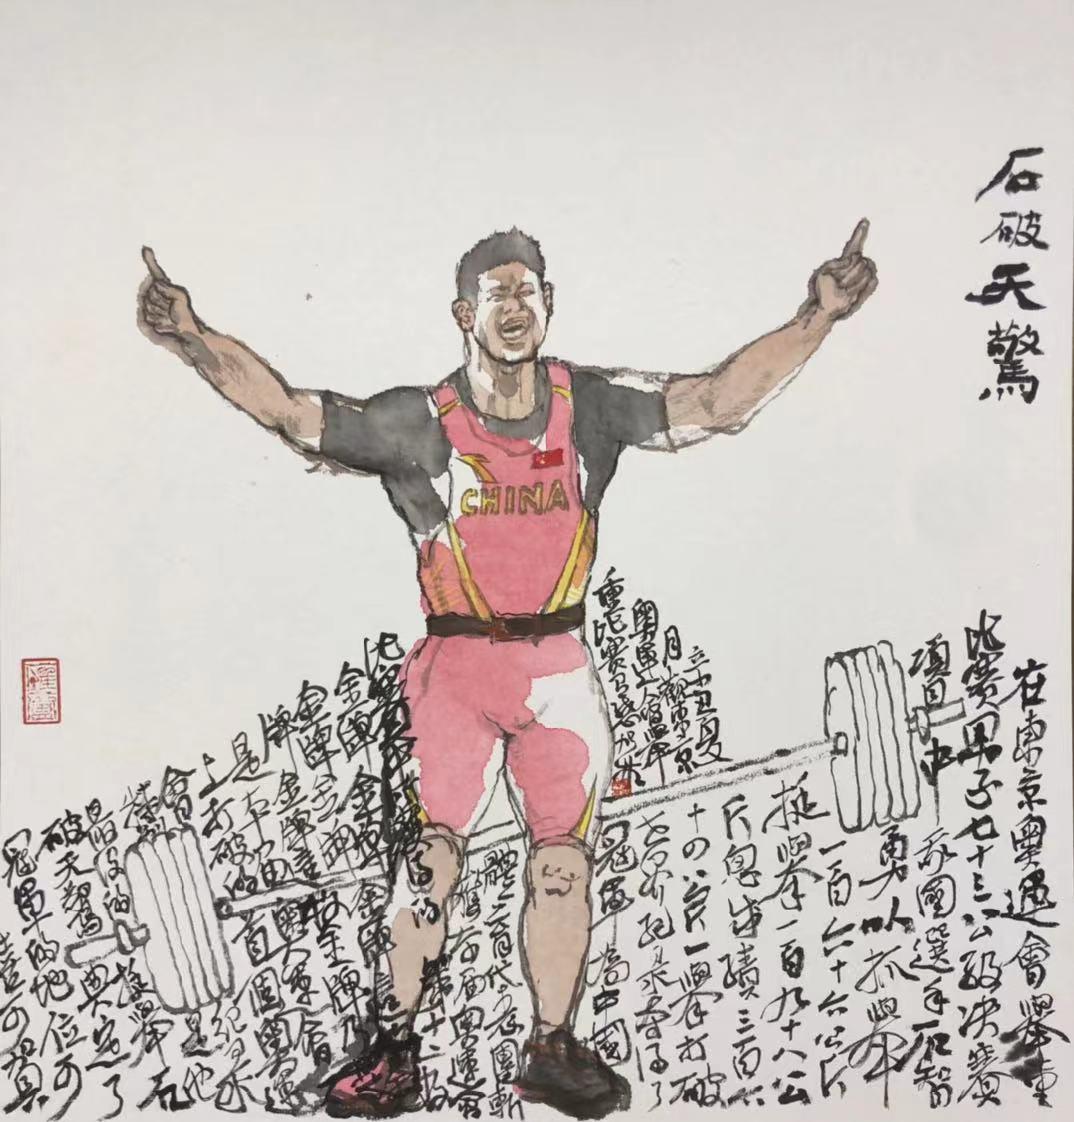 中国队再夺奥运三金_何加林续绘辉煌时刻